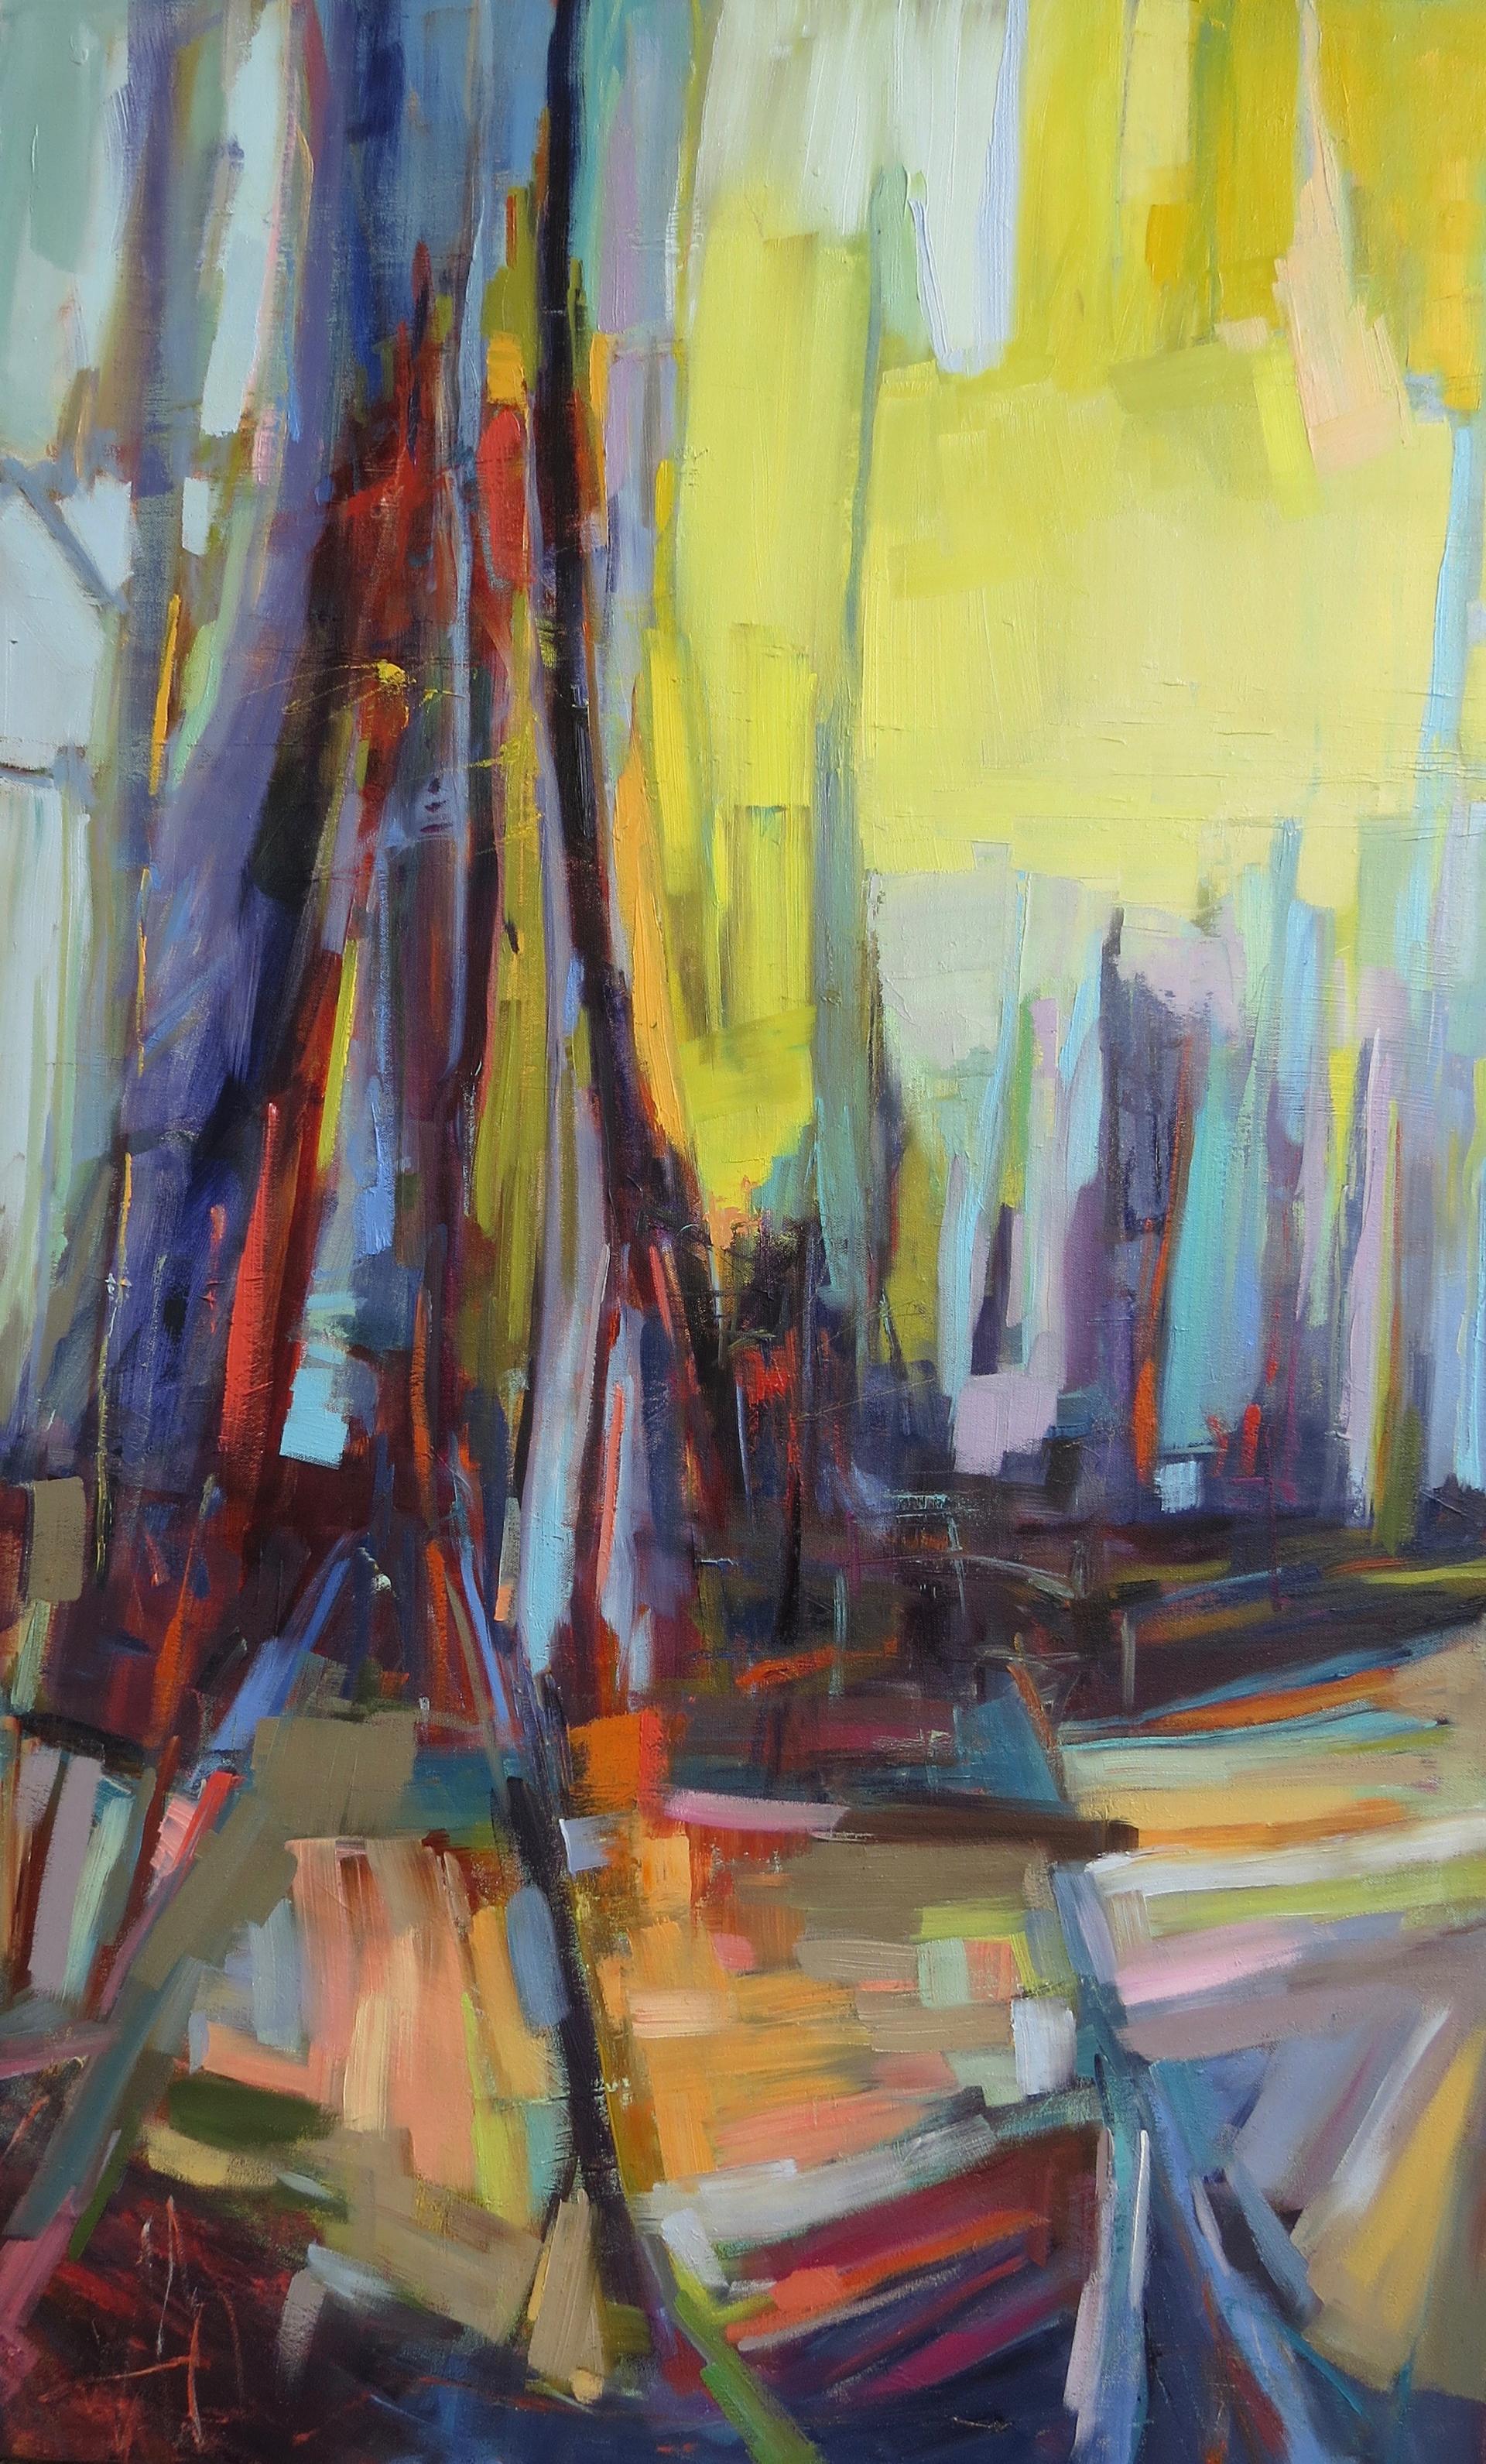 Cypress Shadows by Marissa Vogl